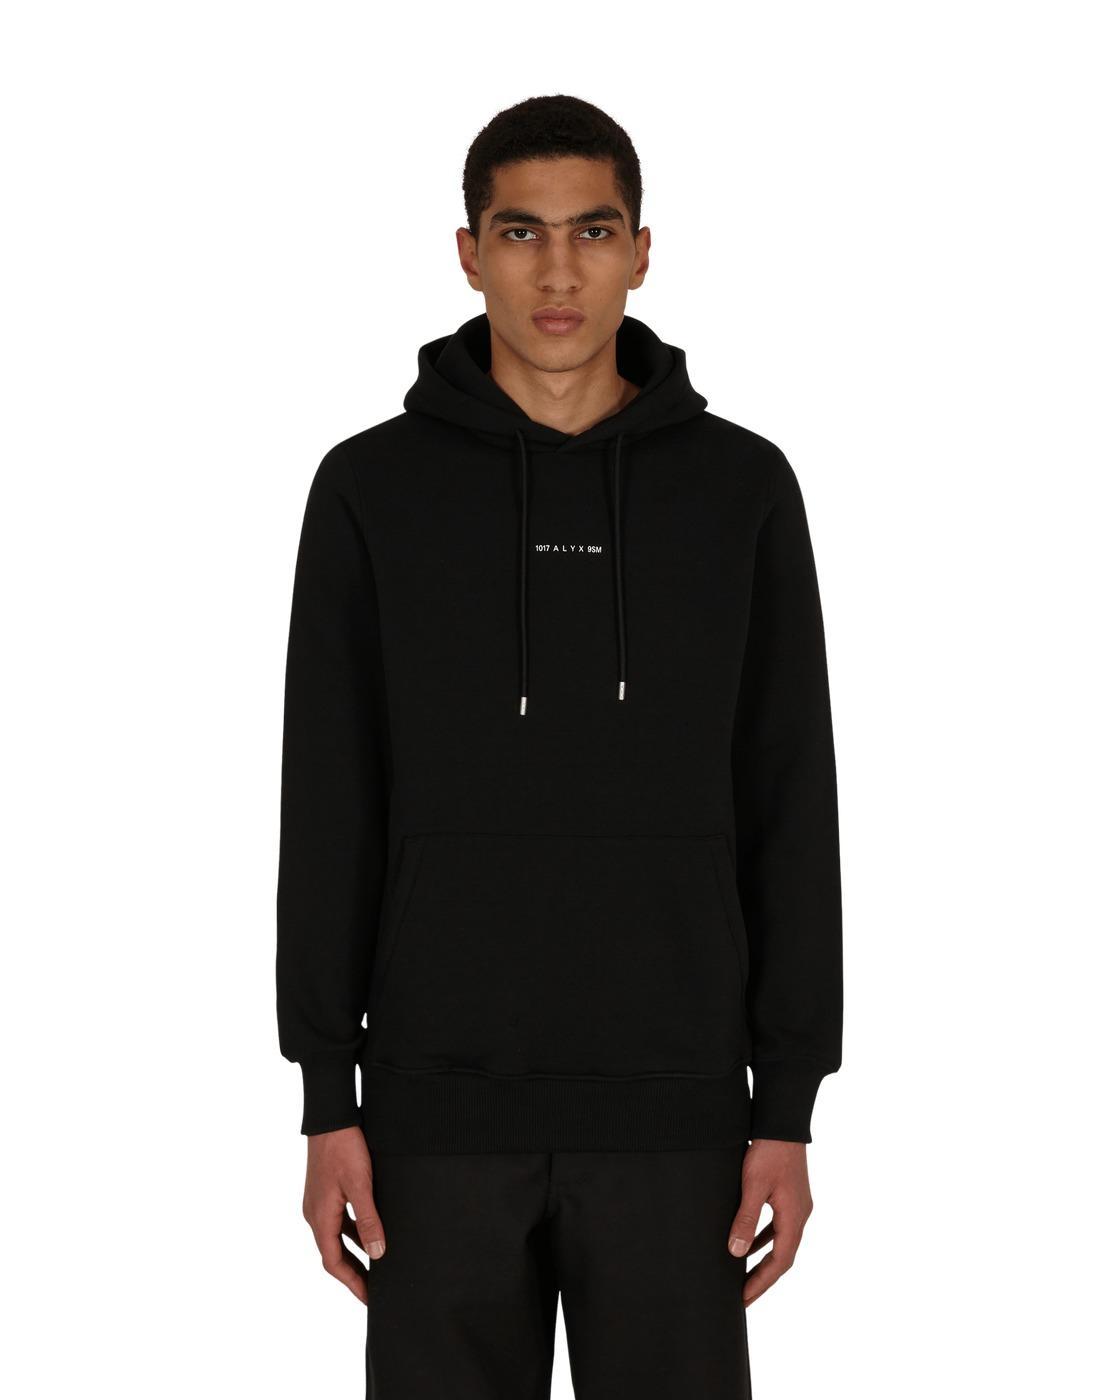 Photo: 1017 Alyx 9sm Visual Hooded Sweatshirt Black